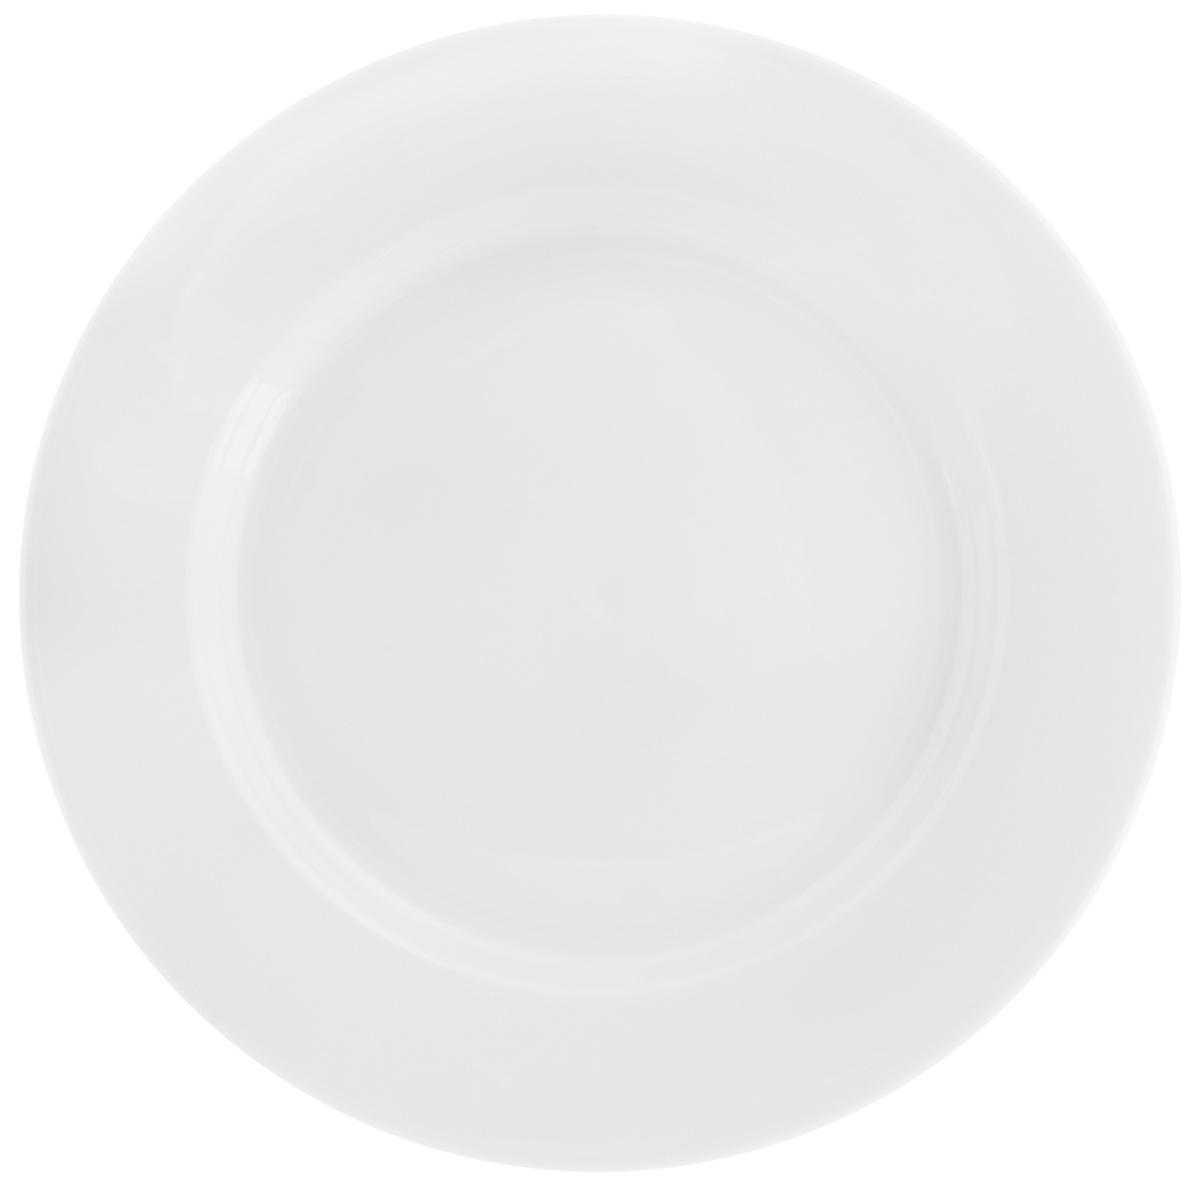 Тарелка десертная Фарфор Вербилок, диаметр 20 см812000БДесертная тарелка Фарфор Вербилок, изготовленная из фарфора. Такая тарелка прекрасно подходит как для торжественных случаев, так и для повседневного использования. Идеальна для подачи десертов, пирожных, тортов и многого другого. Она прекрасно оформит стол и станет отличным дополнением к вашей коллекции кухонной посуды. Диаметр тарелки (по верхнему краю): 20 см.